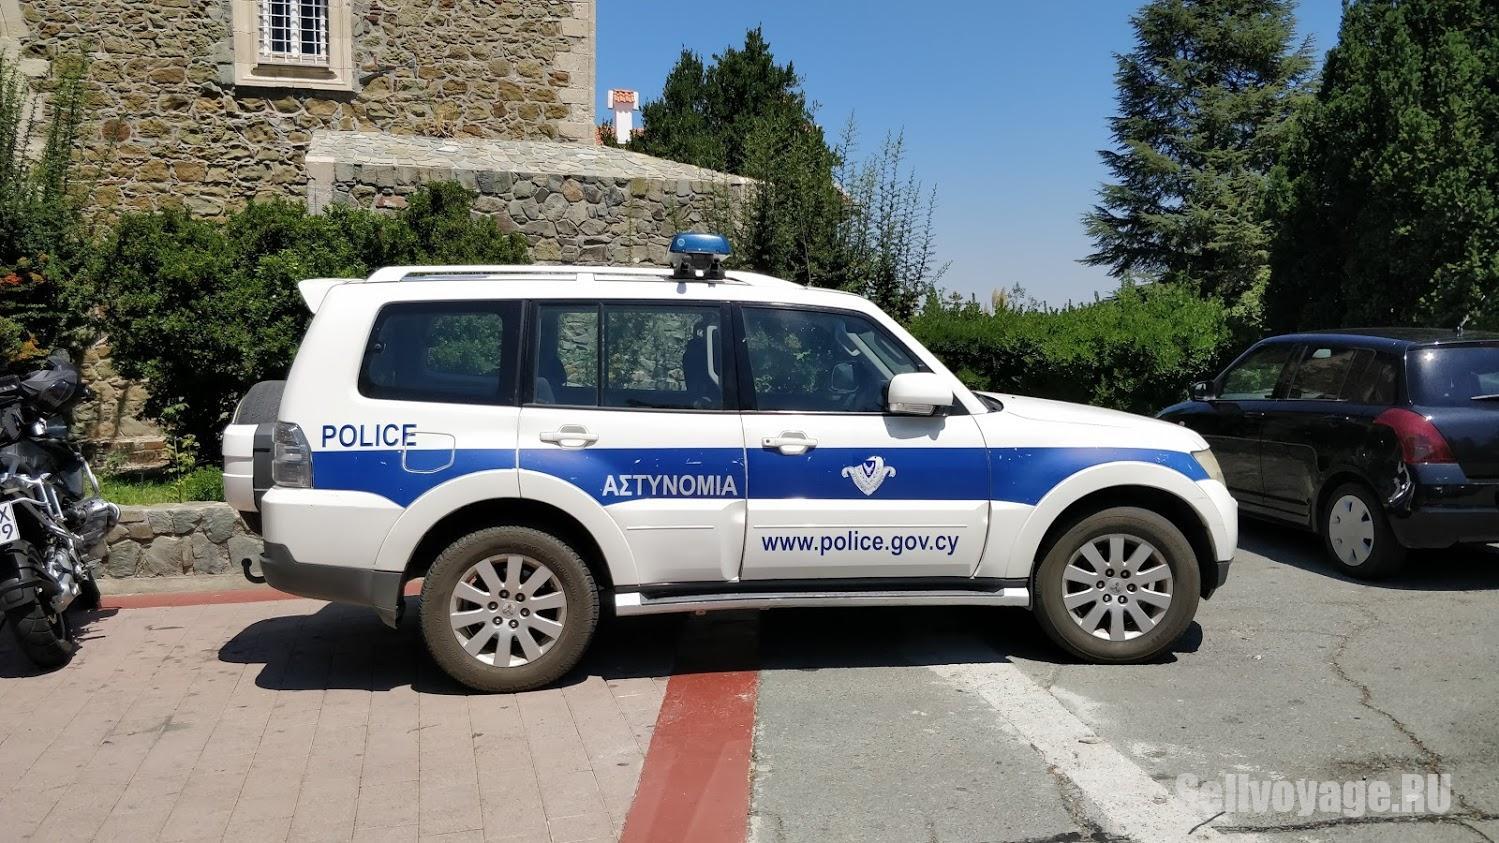 Полицейская машина на Кипре. Для статьи про аренду авто